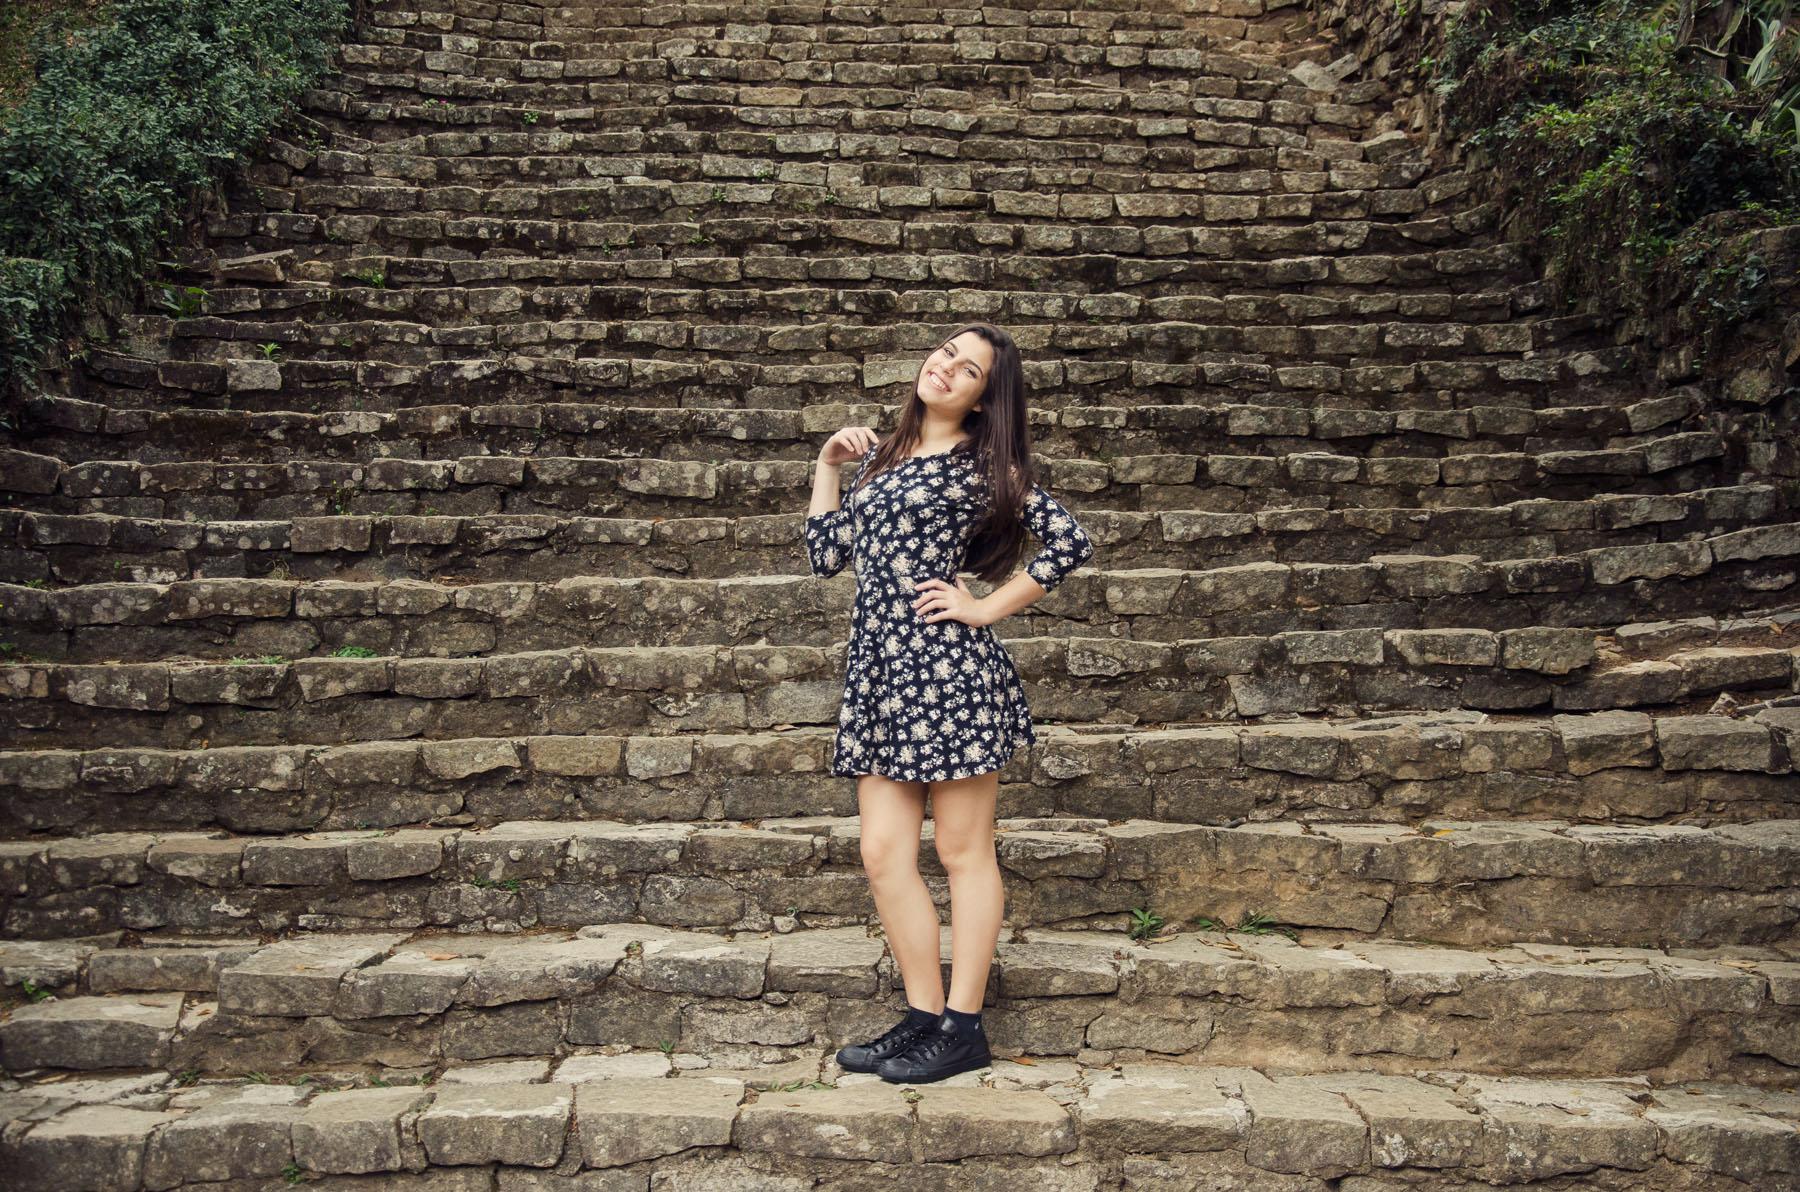 Ensaio_Leticia_15_anos-04-09-2016-blog009